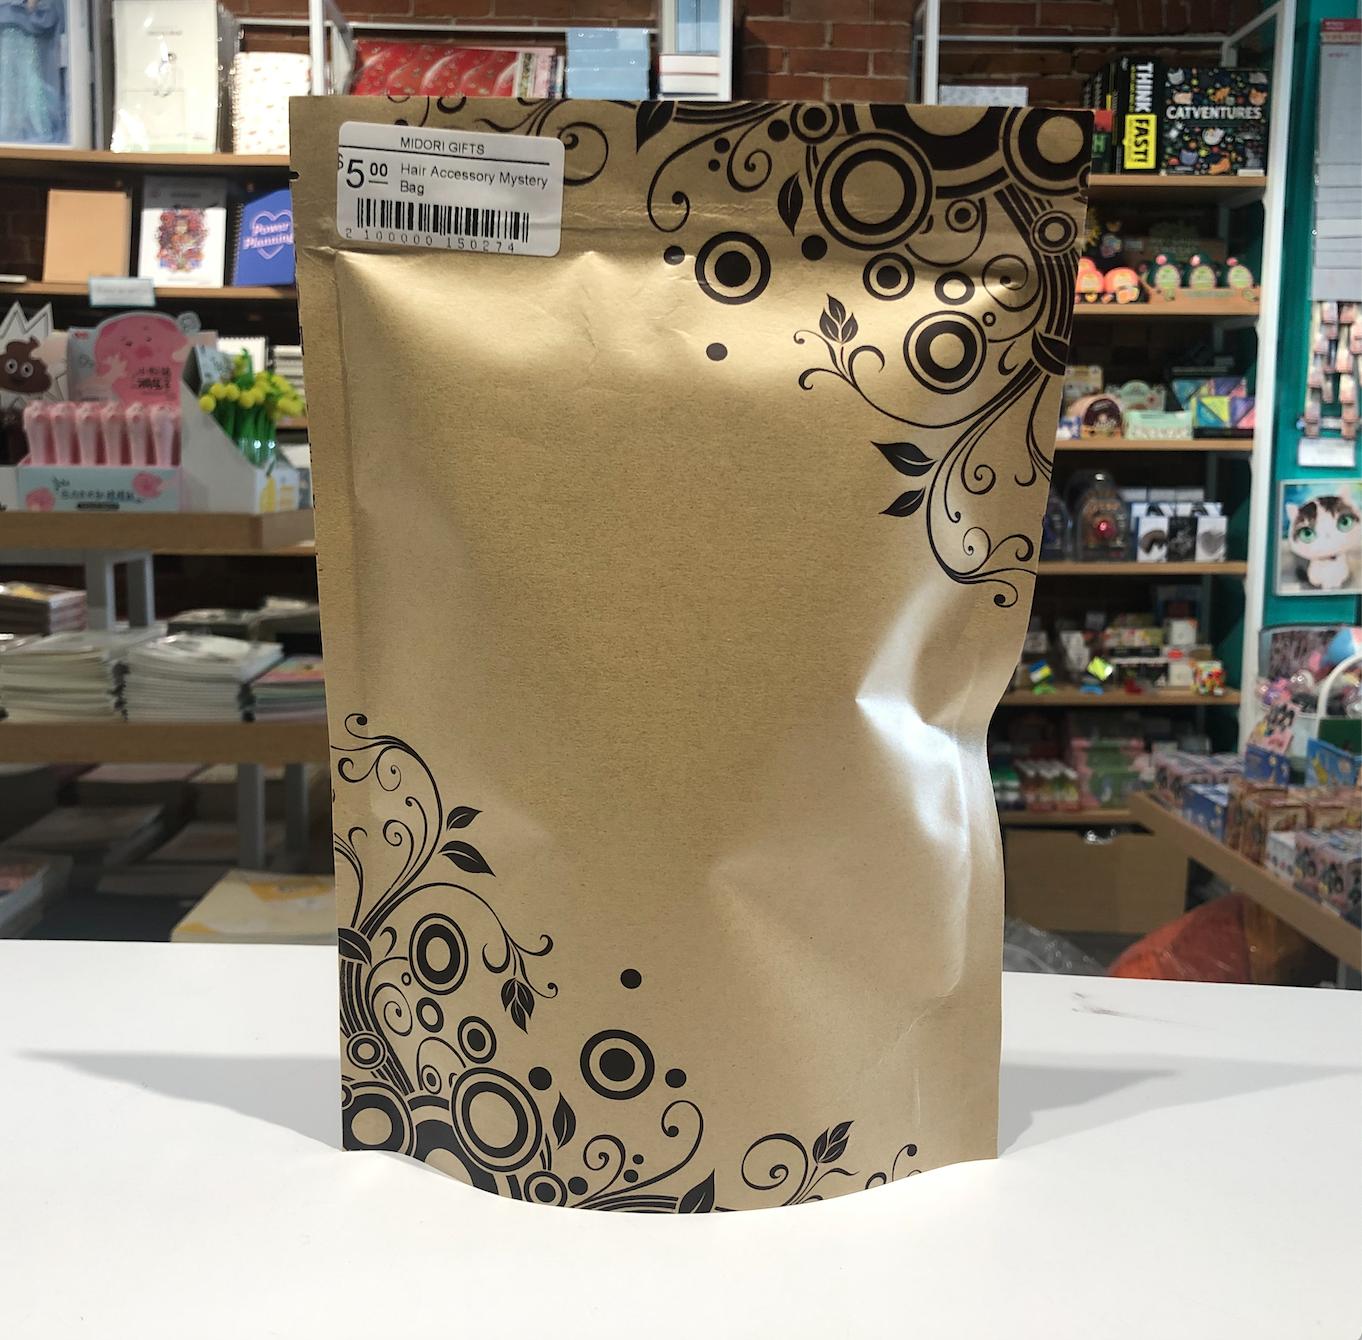 Hair Accessory Mystery Bag (Value over $25)